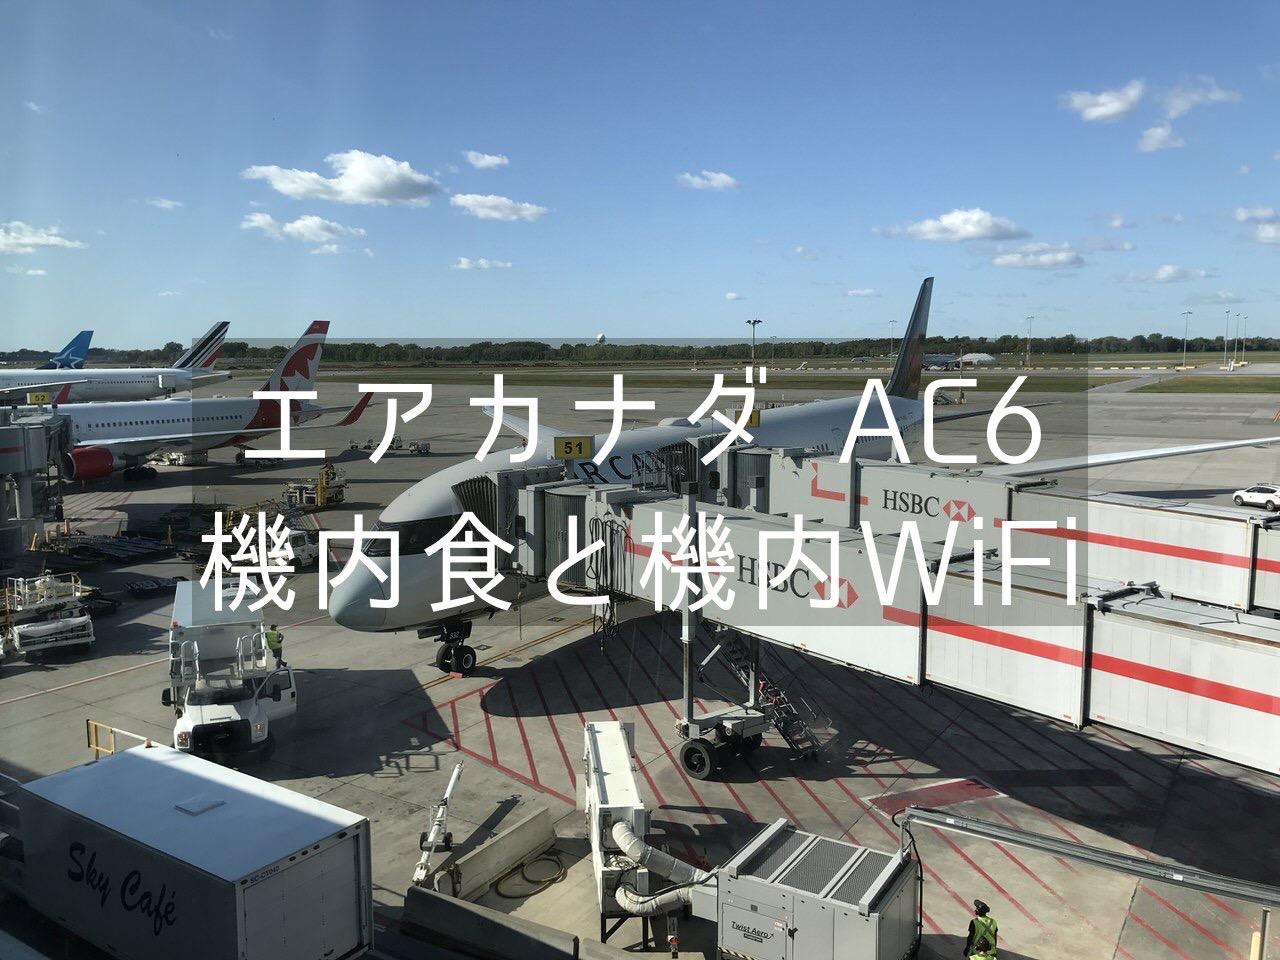 【エアカナダ】成田空港からモントリオール経由ケベック・シティー行きの機内食や機内WiFiについて【AC6】